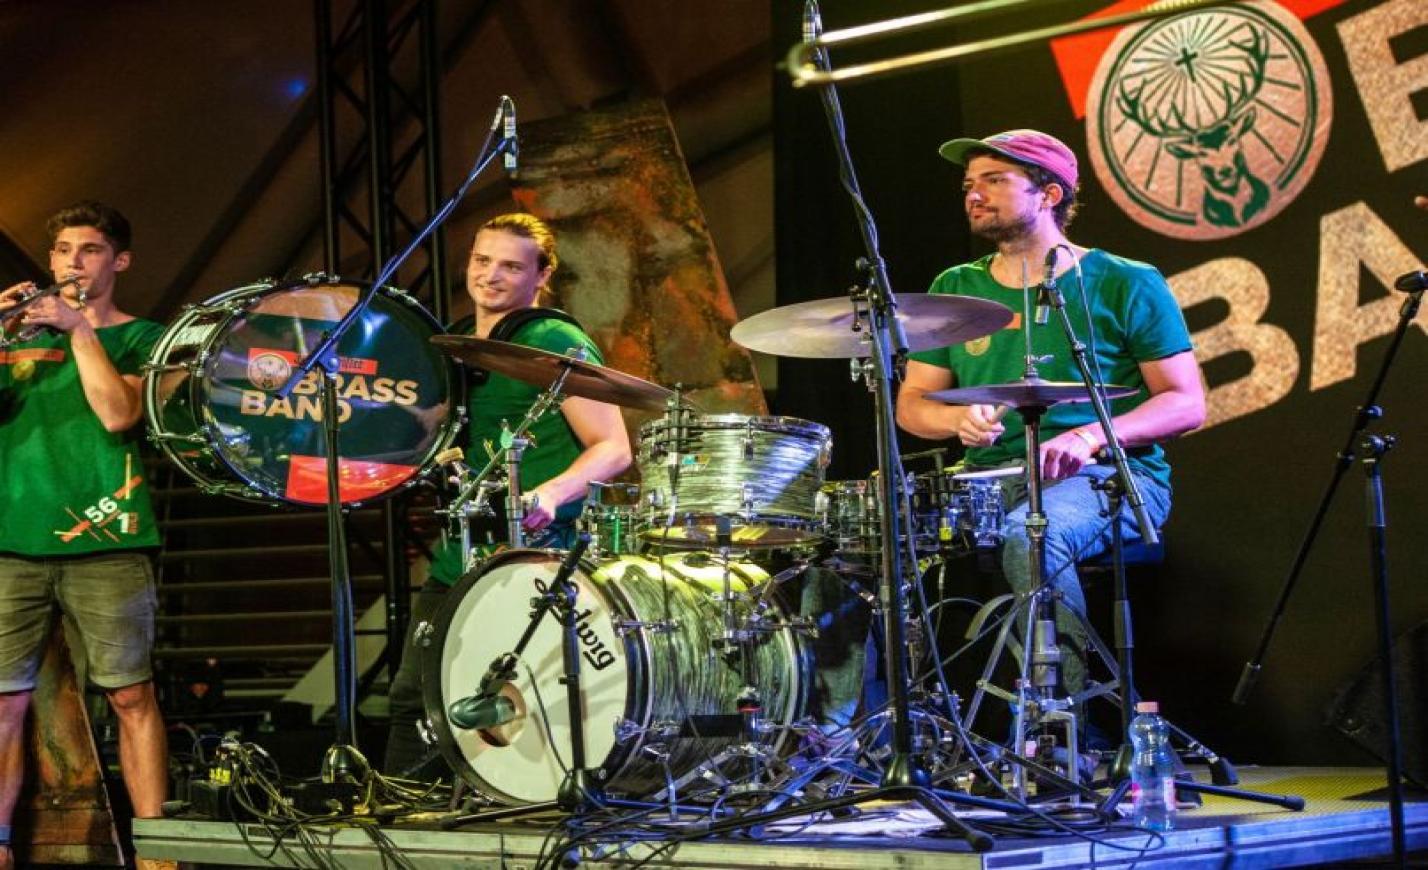 Jägermeister Brass Band premier